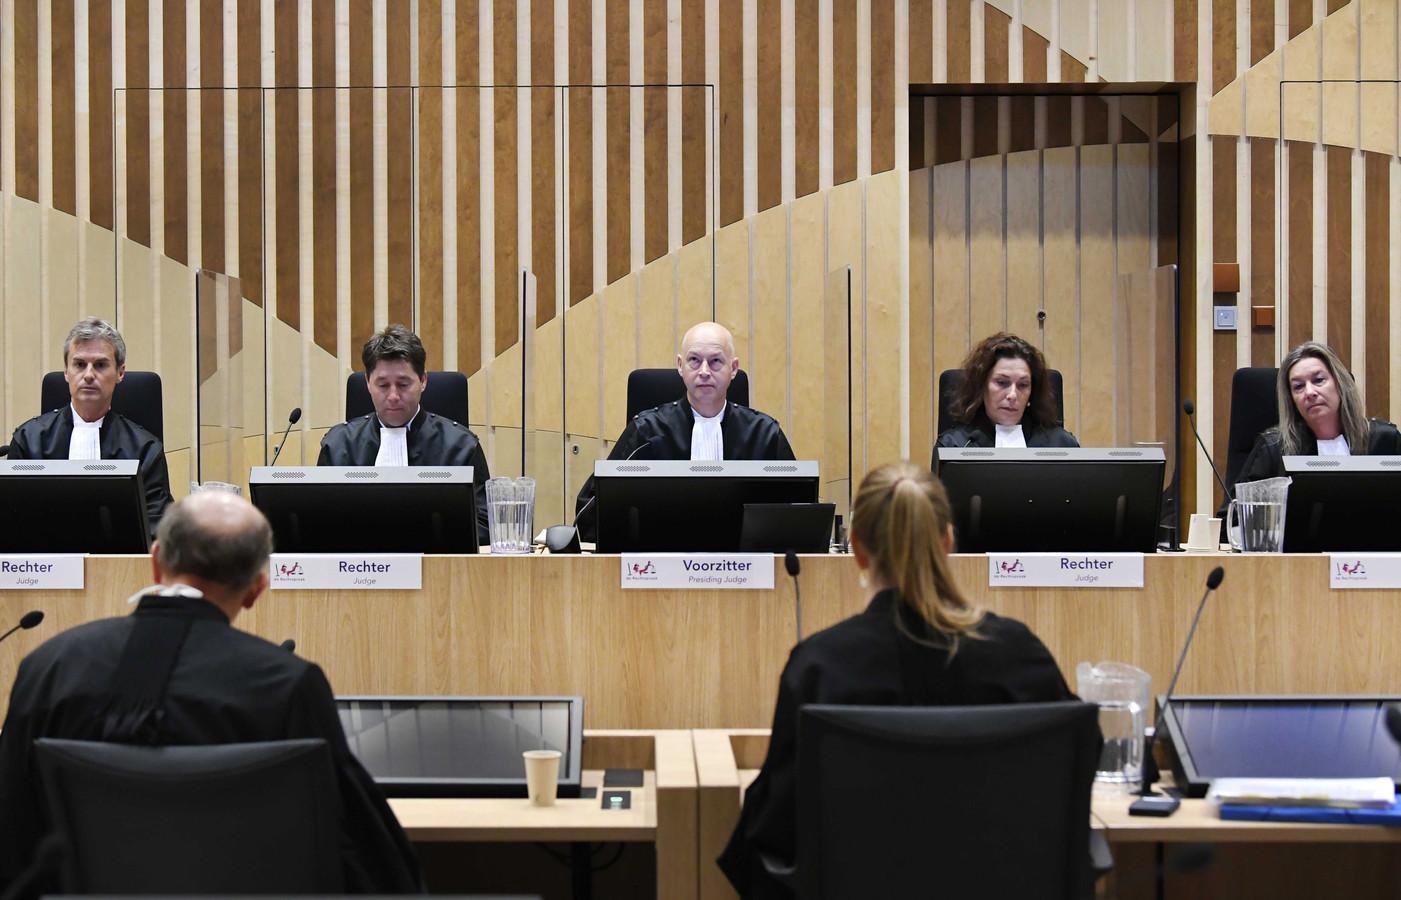 De rechtbank tijdens een eerdere zitting in het MH17-proces.